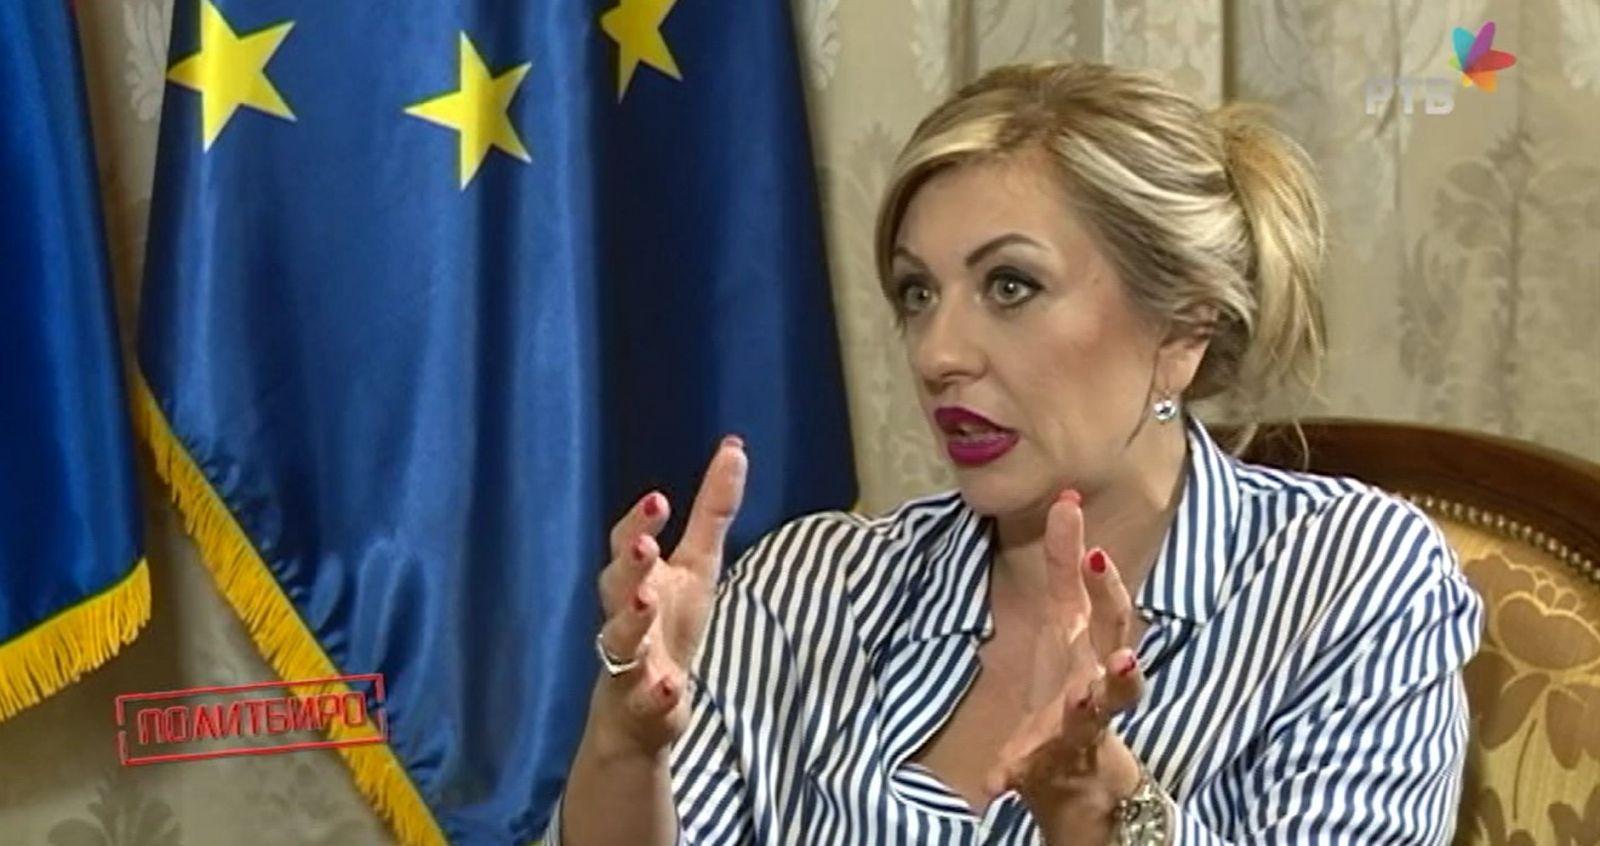 Ј. Јоксимовић: Добро је што су уважене неке од препорука за рад парламента